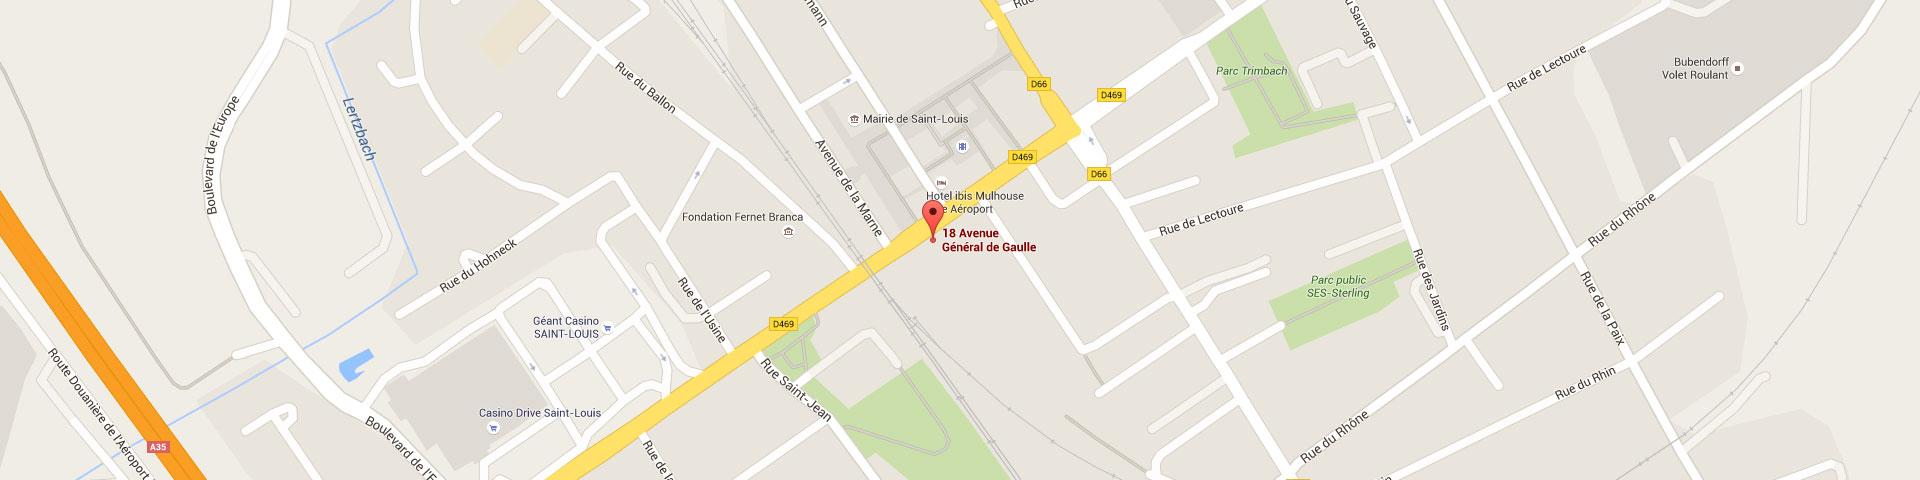 Plan pour géolocaliser l'auto-école larger dans Saint-Louis